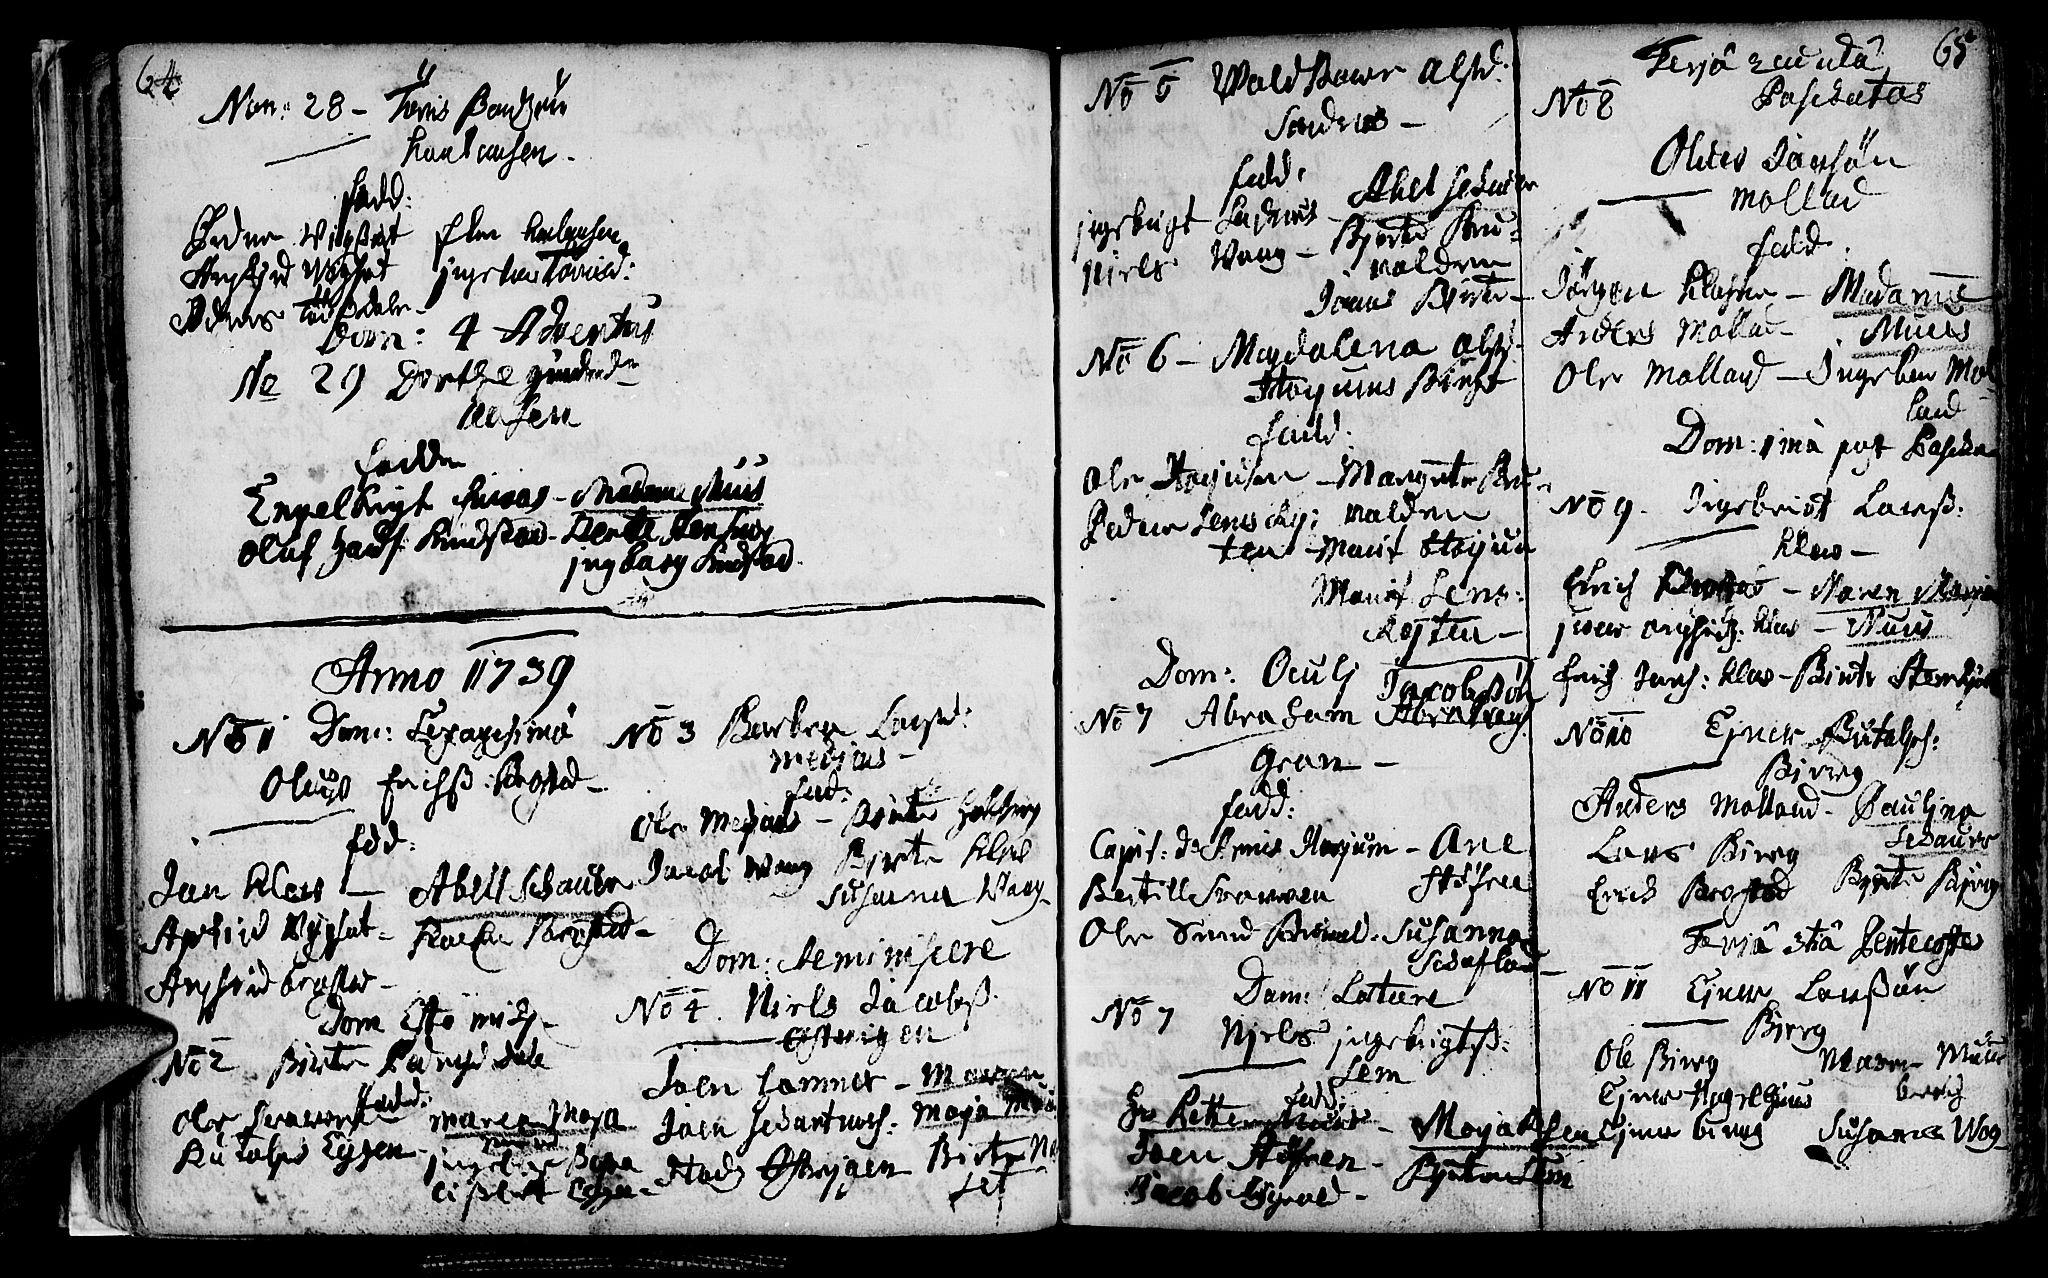 SAT, Ministerialprotokoller, klokkerbøker og fødselsregistre - Nord-Trøndelag, 749/L0467: Ministerialbok nr. 749A01, 1733-1787, s. 64-65